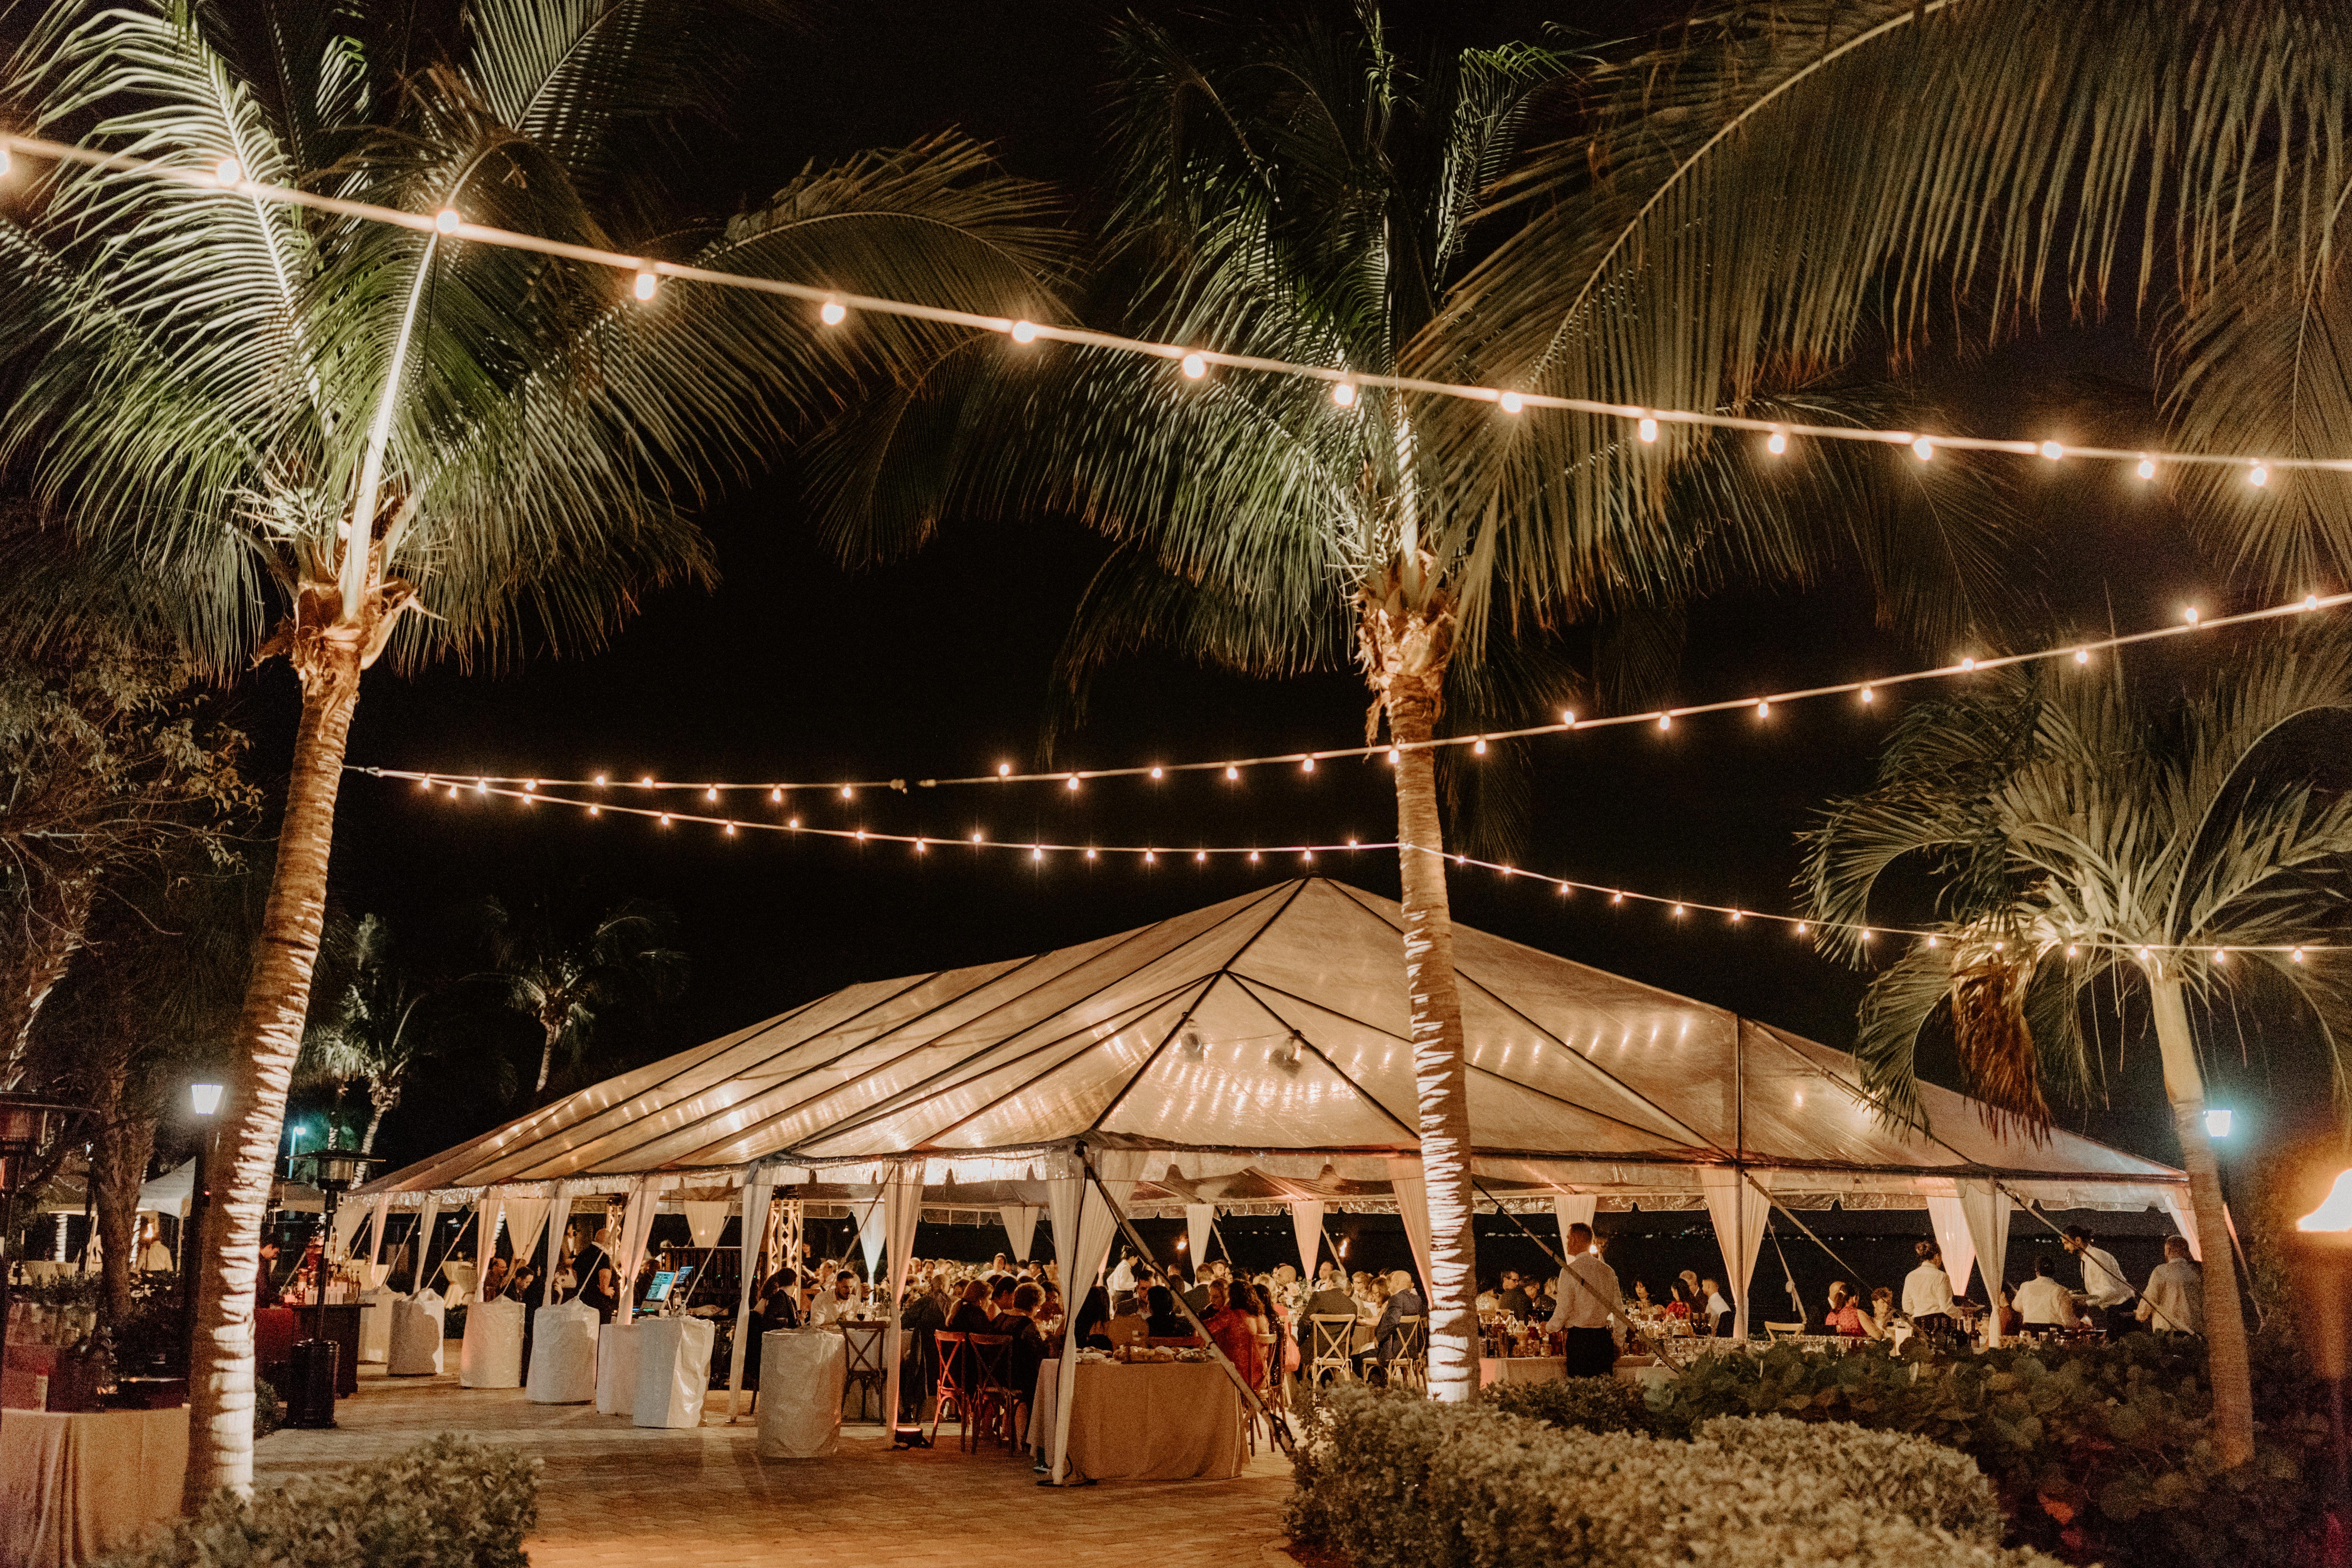 Sunset Cove Miami Seaquarium Wedding | Wedding Stuff ...  |Sunset Cove Miami